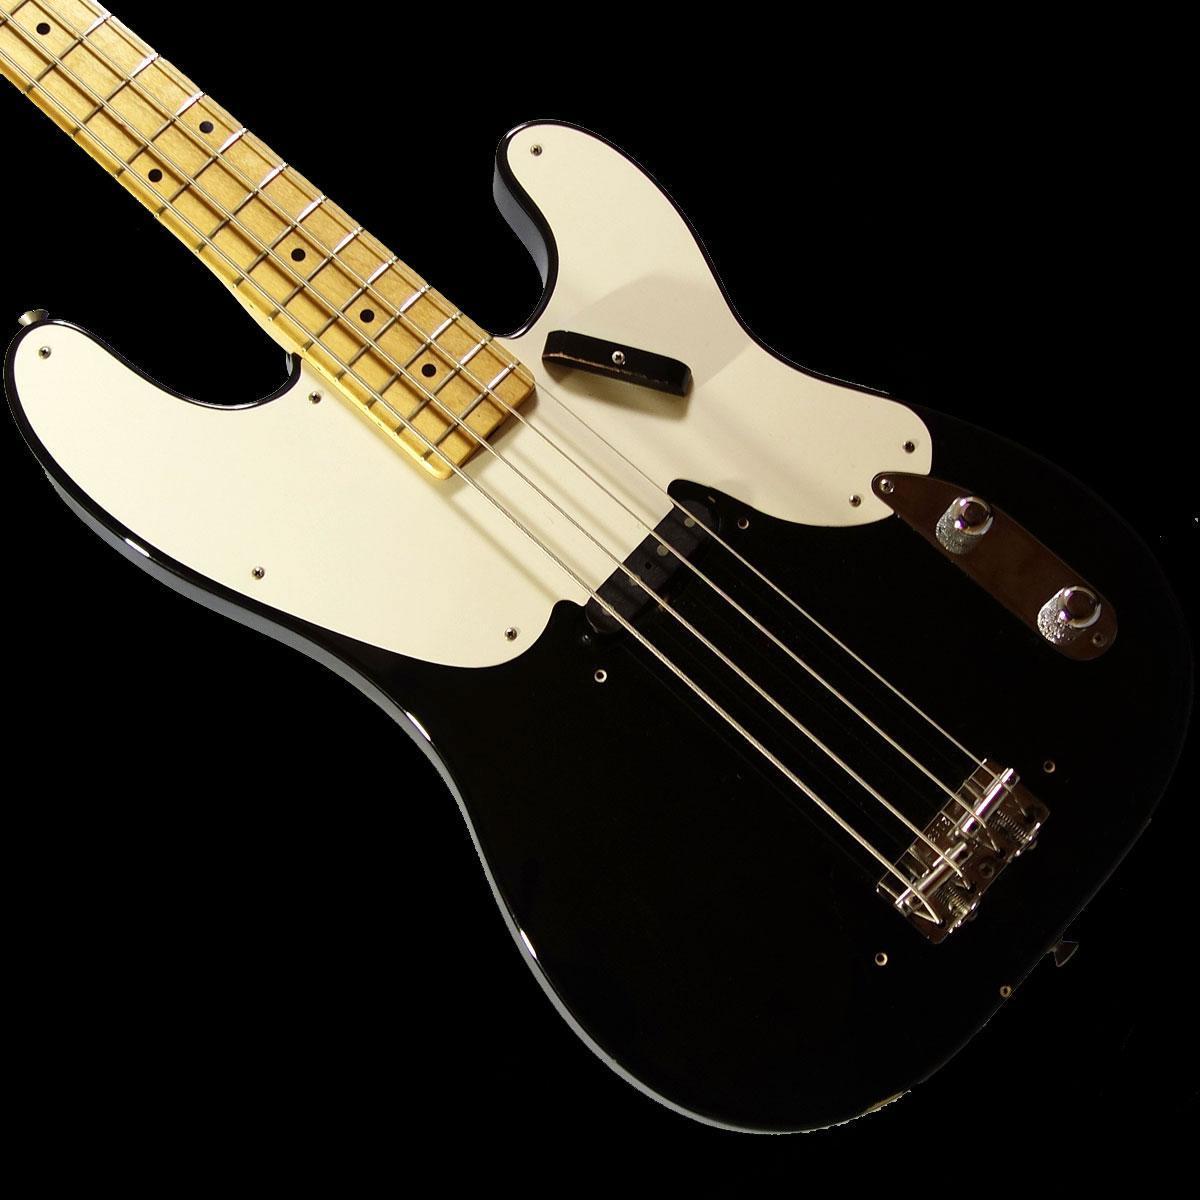 Fender Custom Shop 51 Precision Bass Black 2000 [Nagoya Sakae]